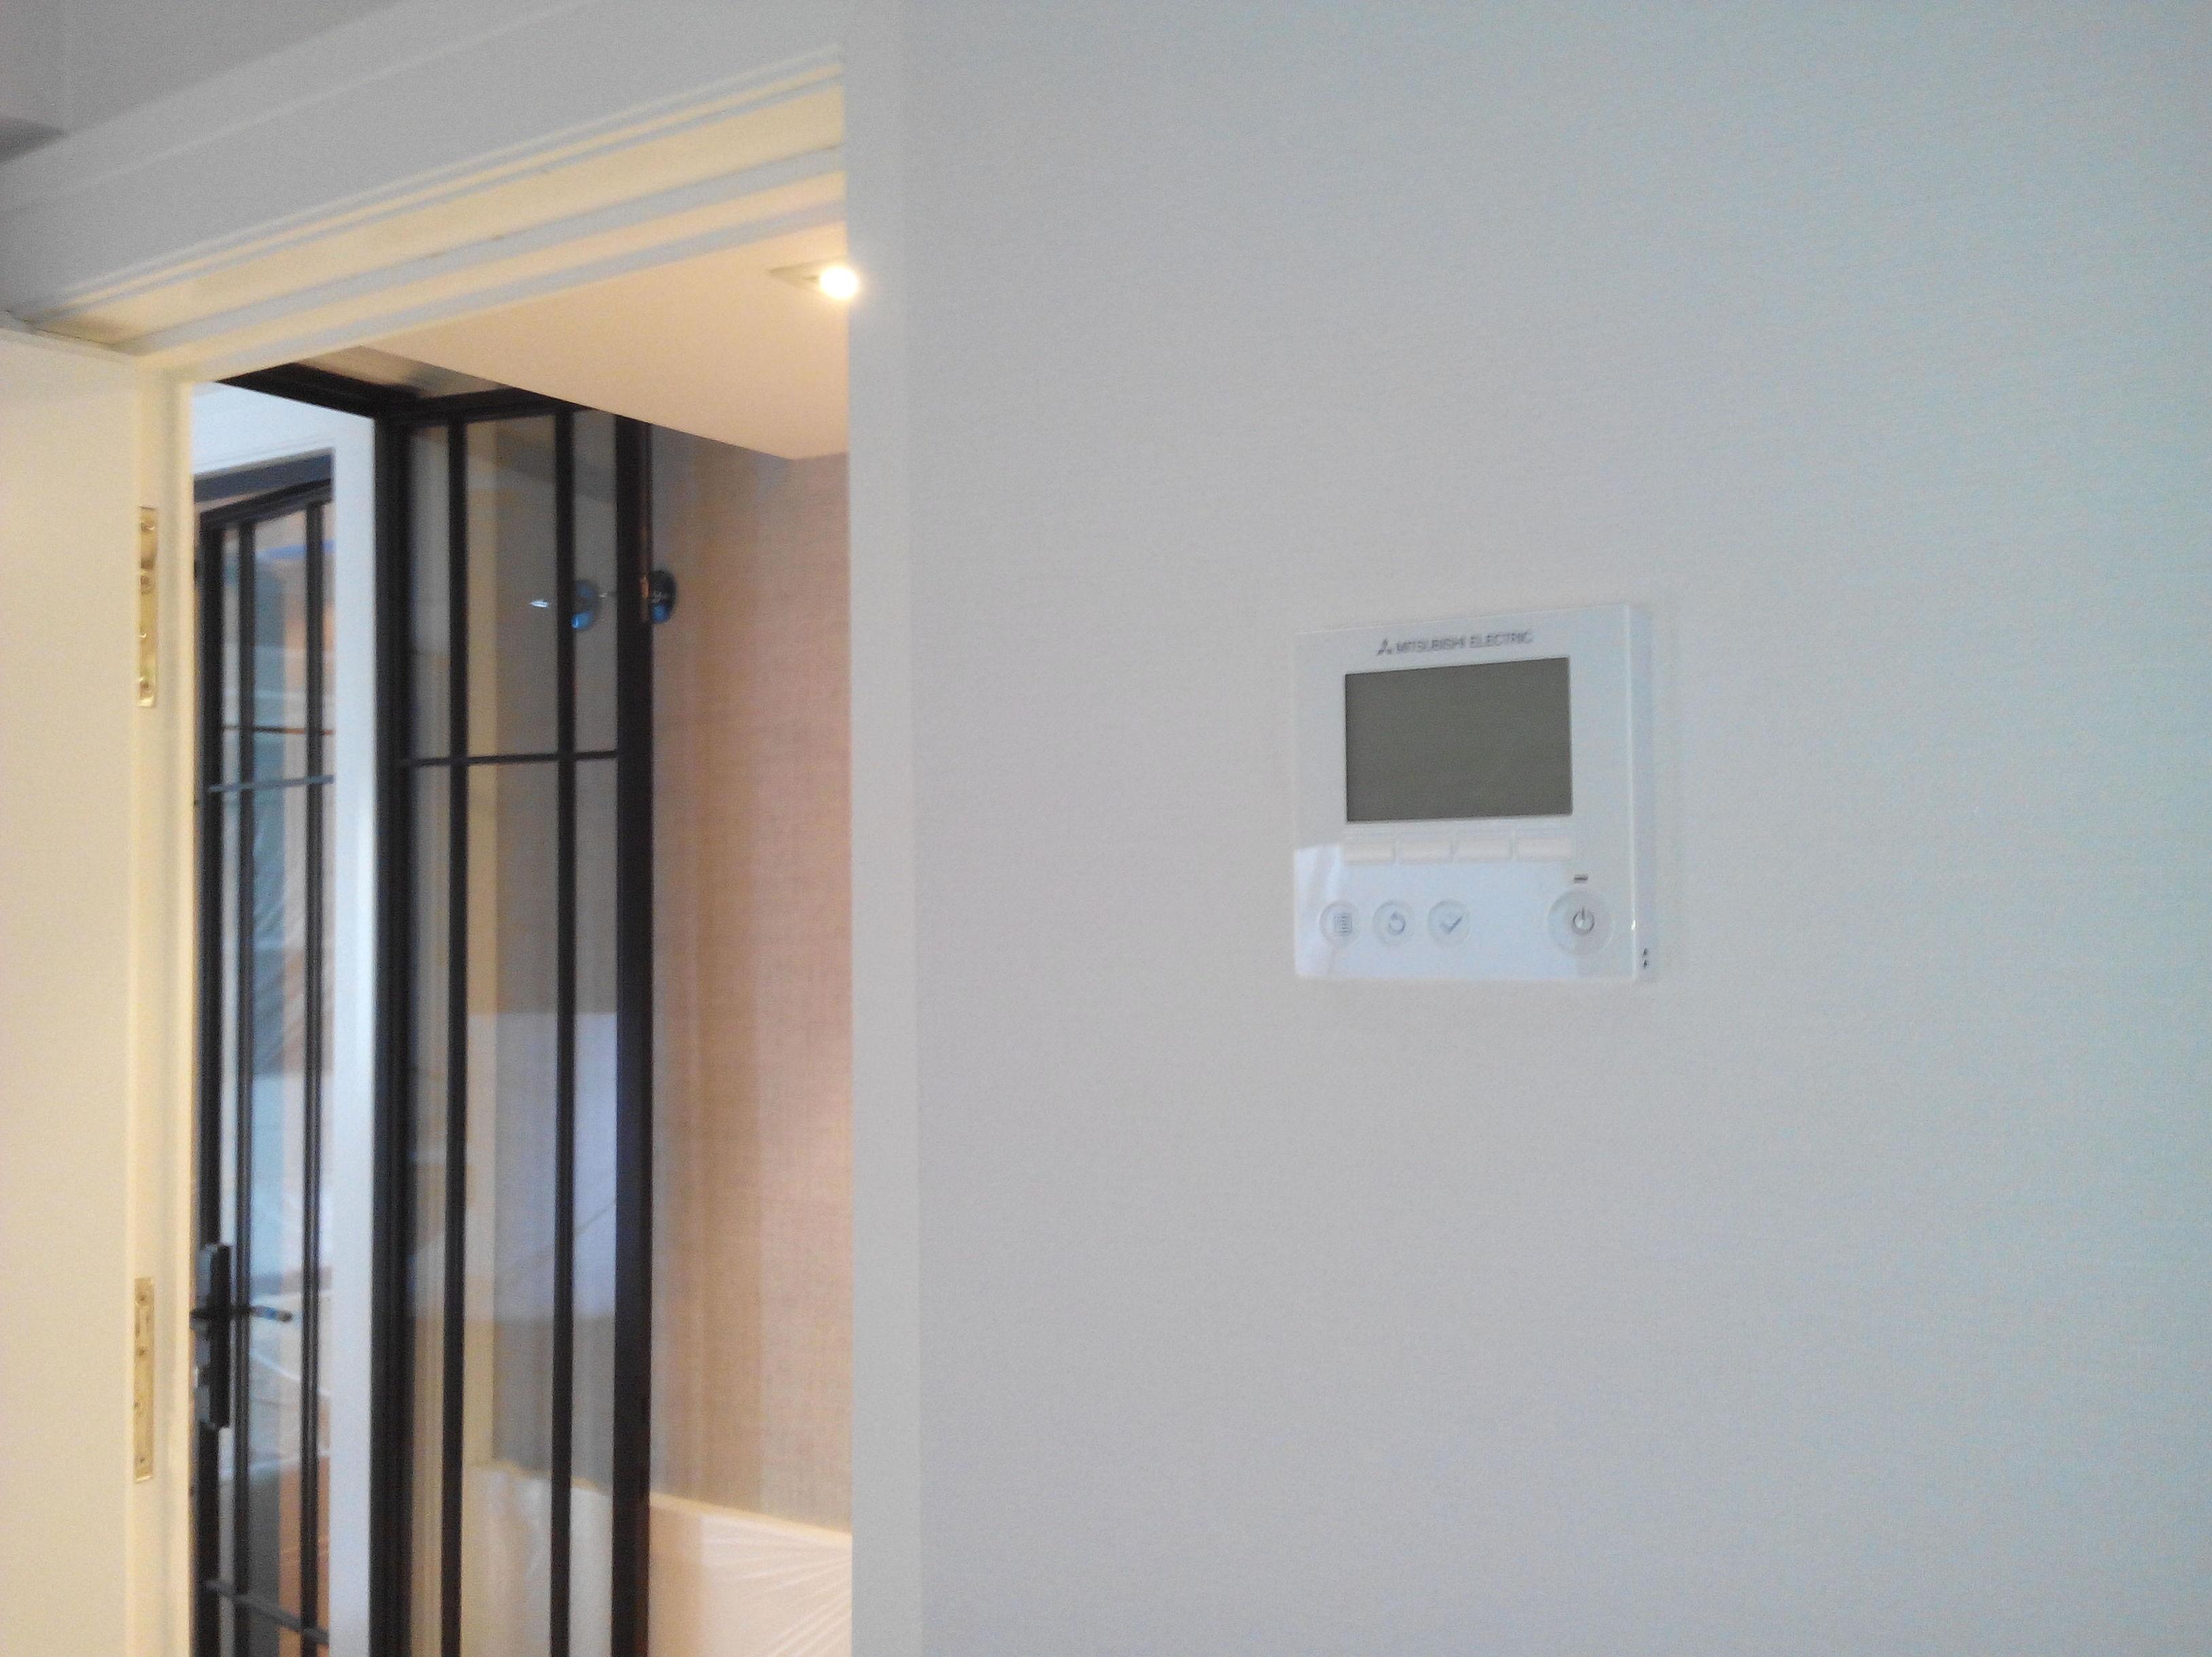 Termostato de pared con pantalla táctil